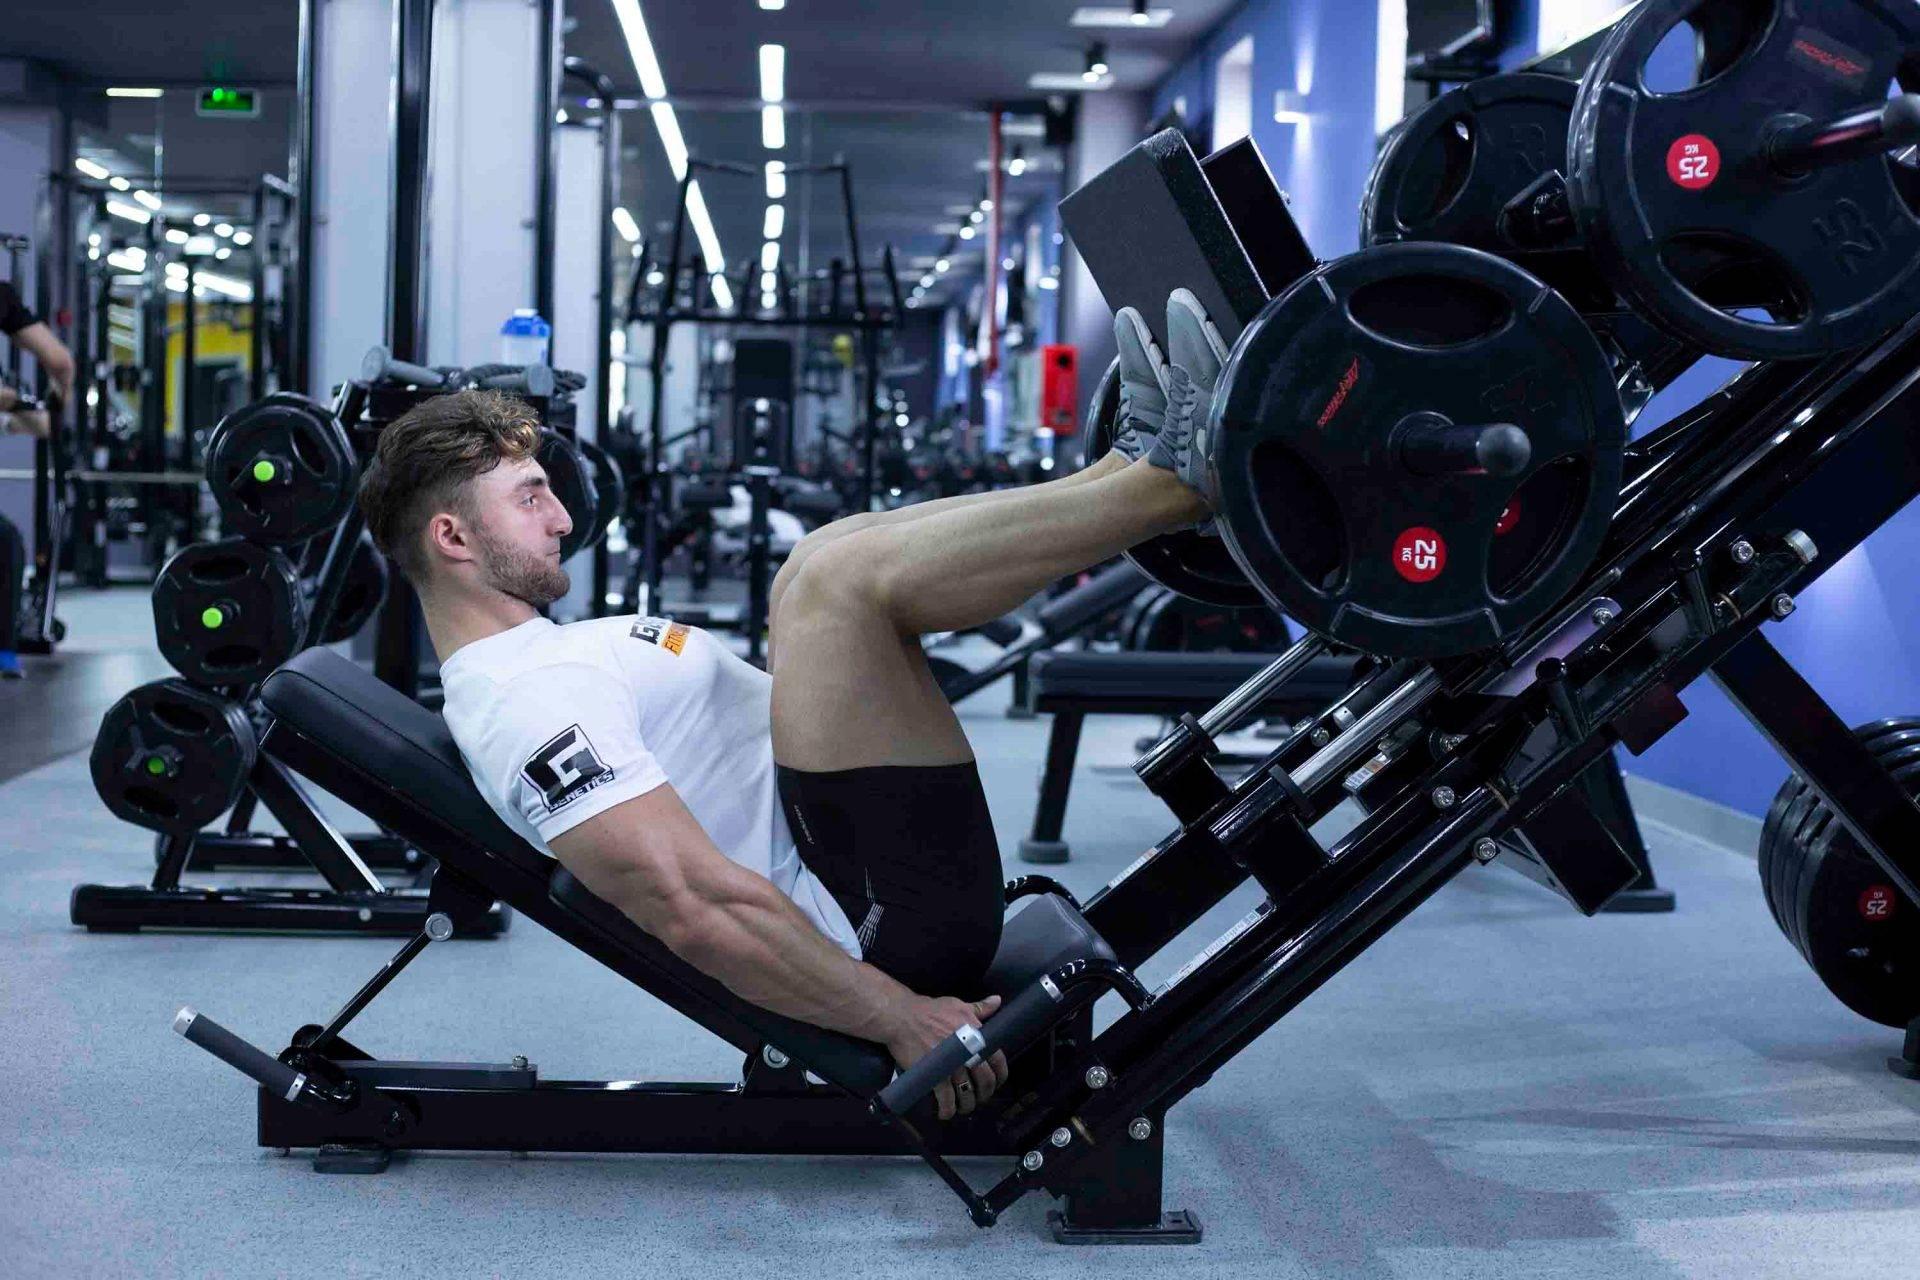 Жим носками платформы: видео и фото упражнения